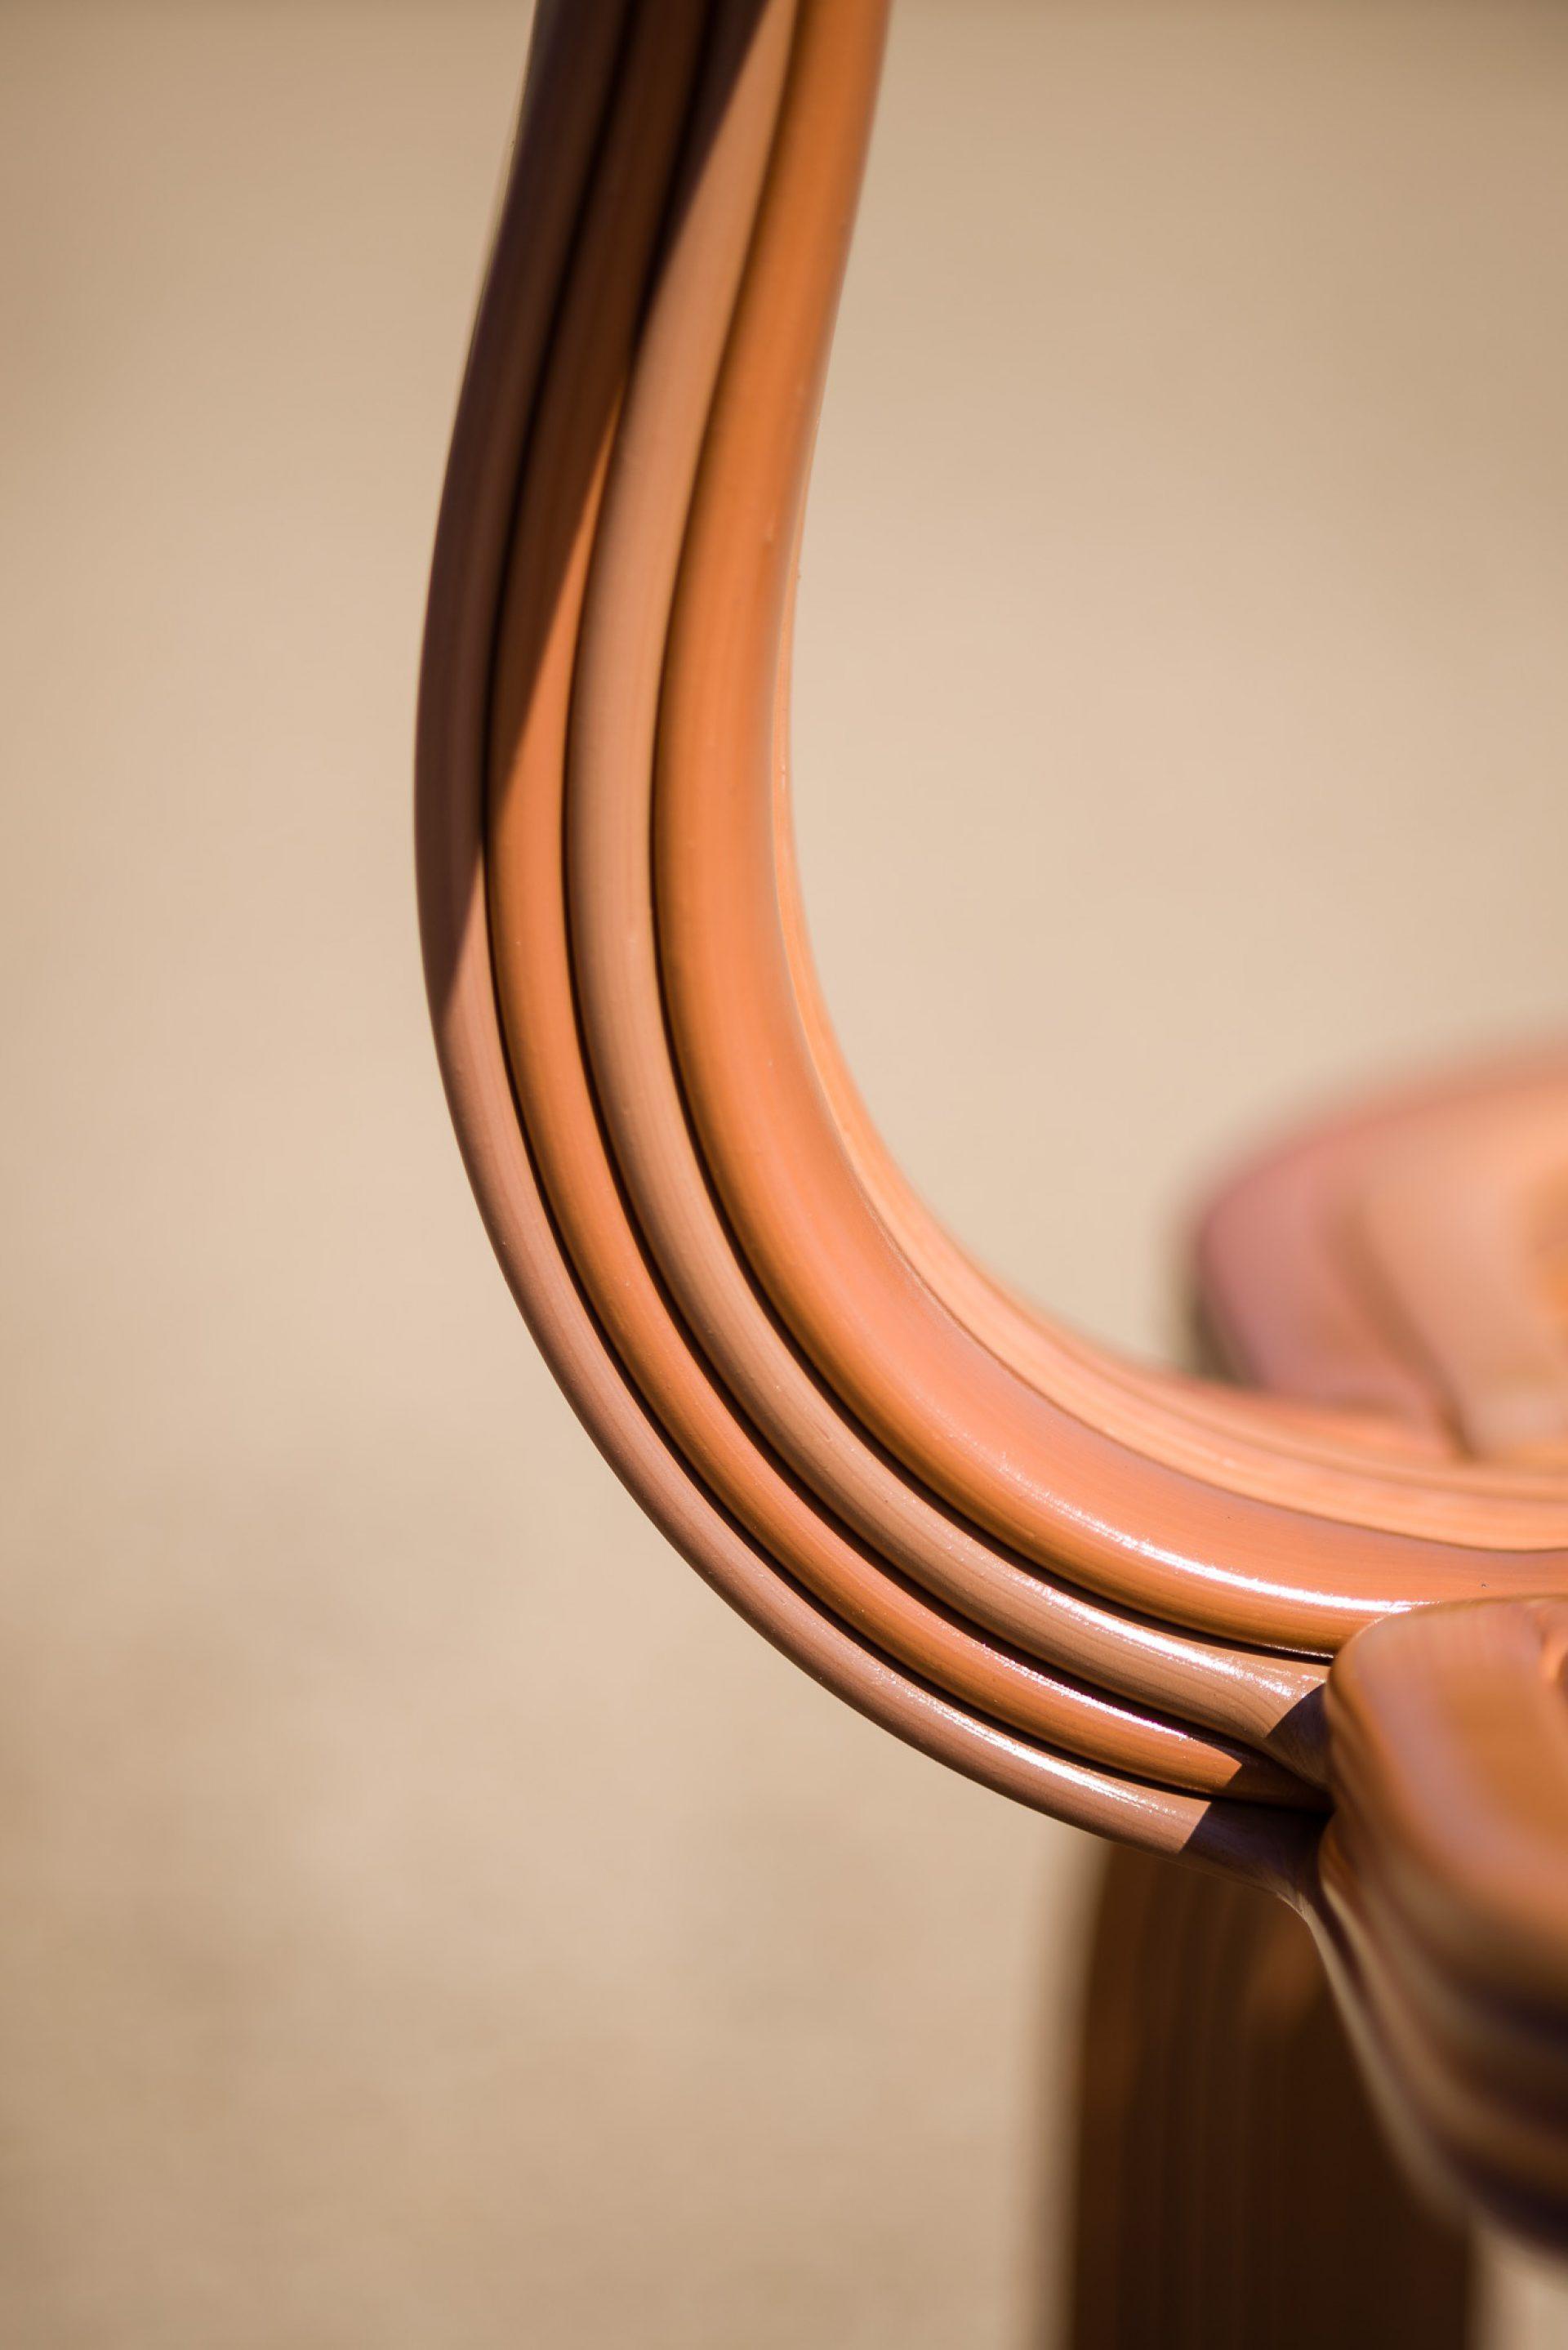 Kooij Chubby Chair Toffee designed by Dirk van der Kooij